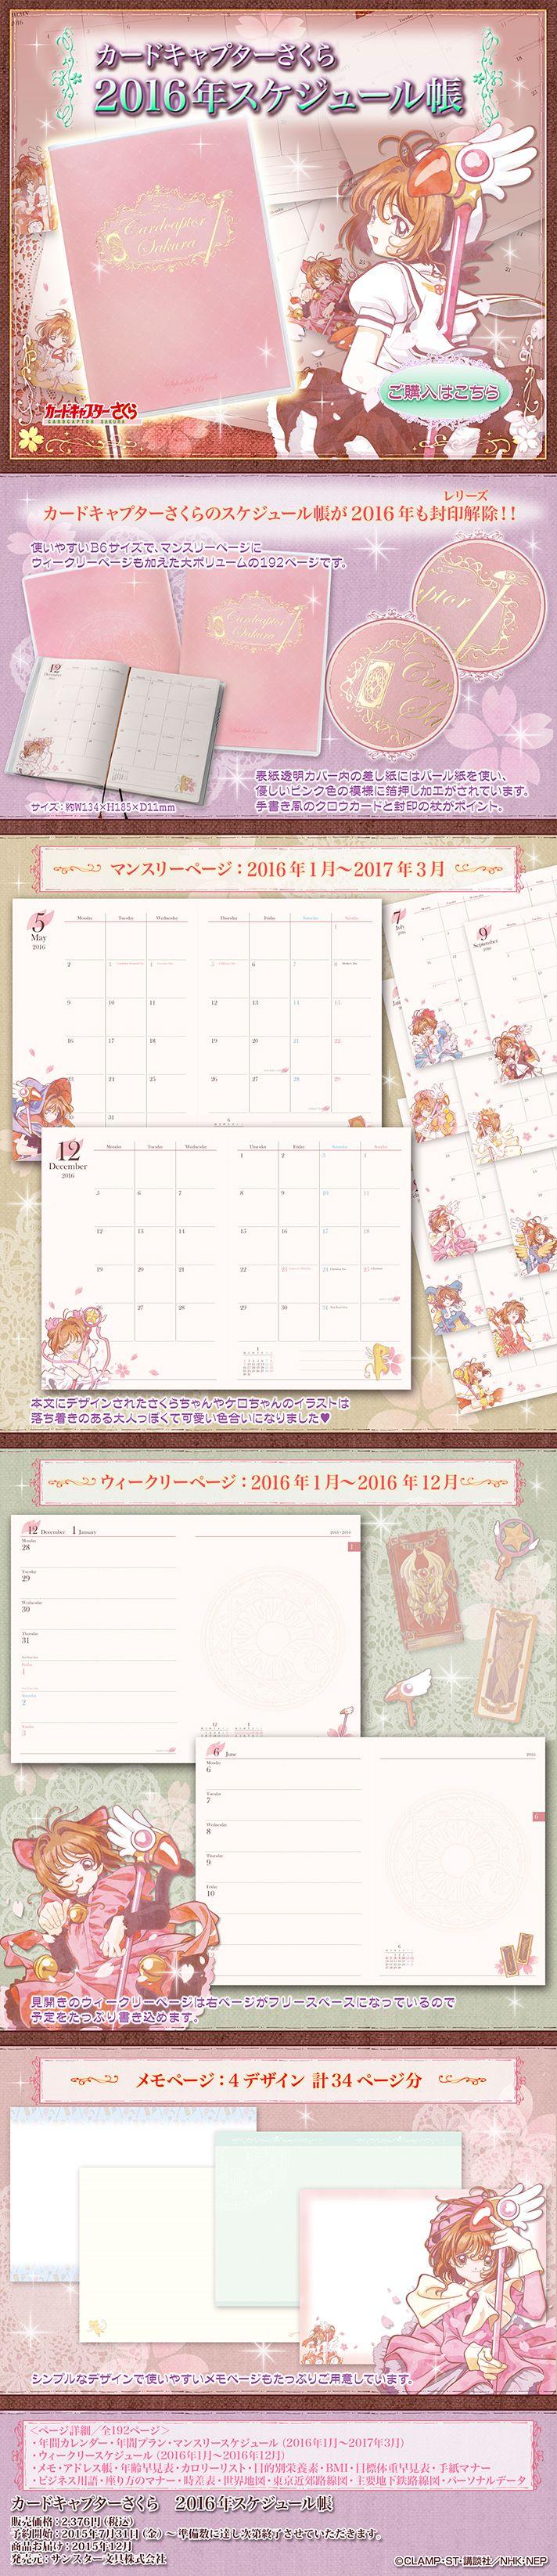 Cardcaptor Sakura Day Plannerカードキャプターさくら 2016年スケジュール帳 | プレミアムバンダイ | バンダイ公式通販サイト